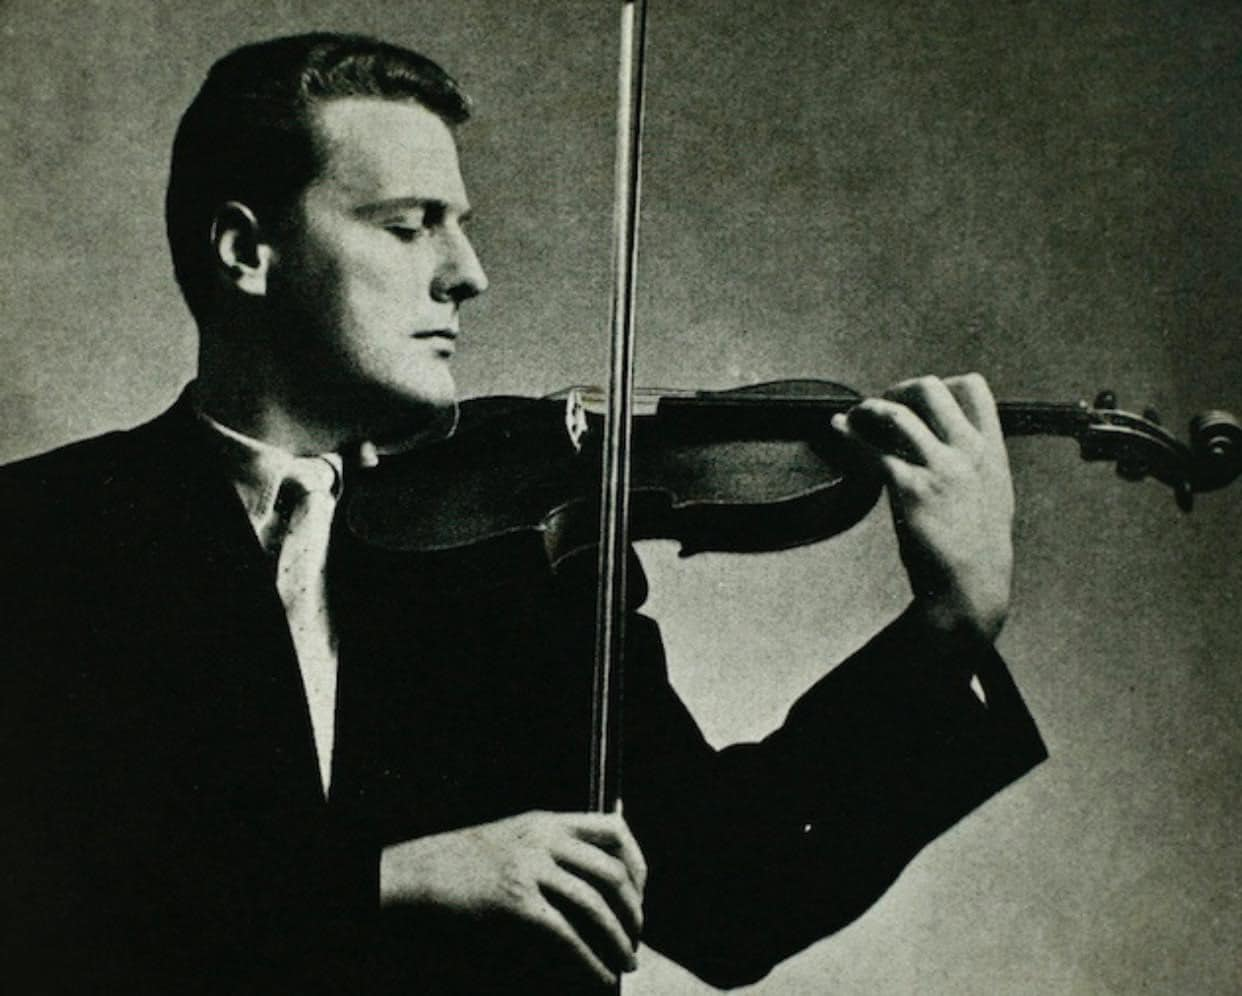 Austrians mourn pedigree violinist